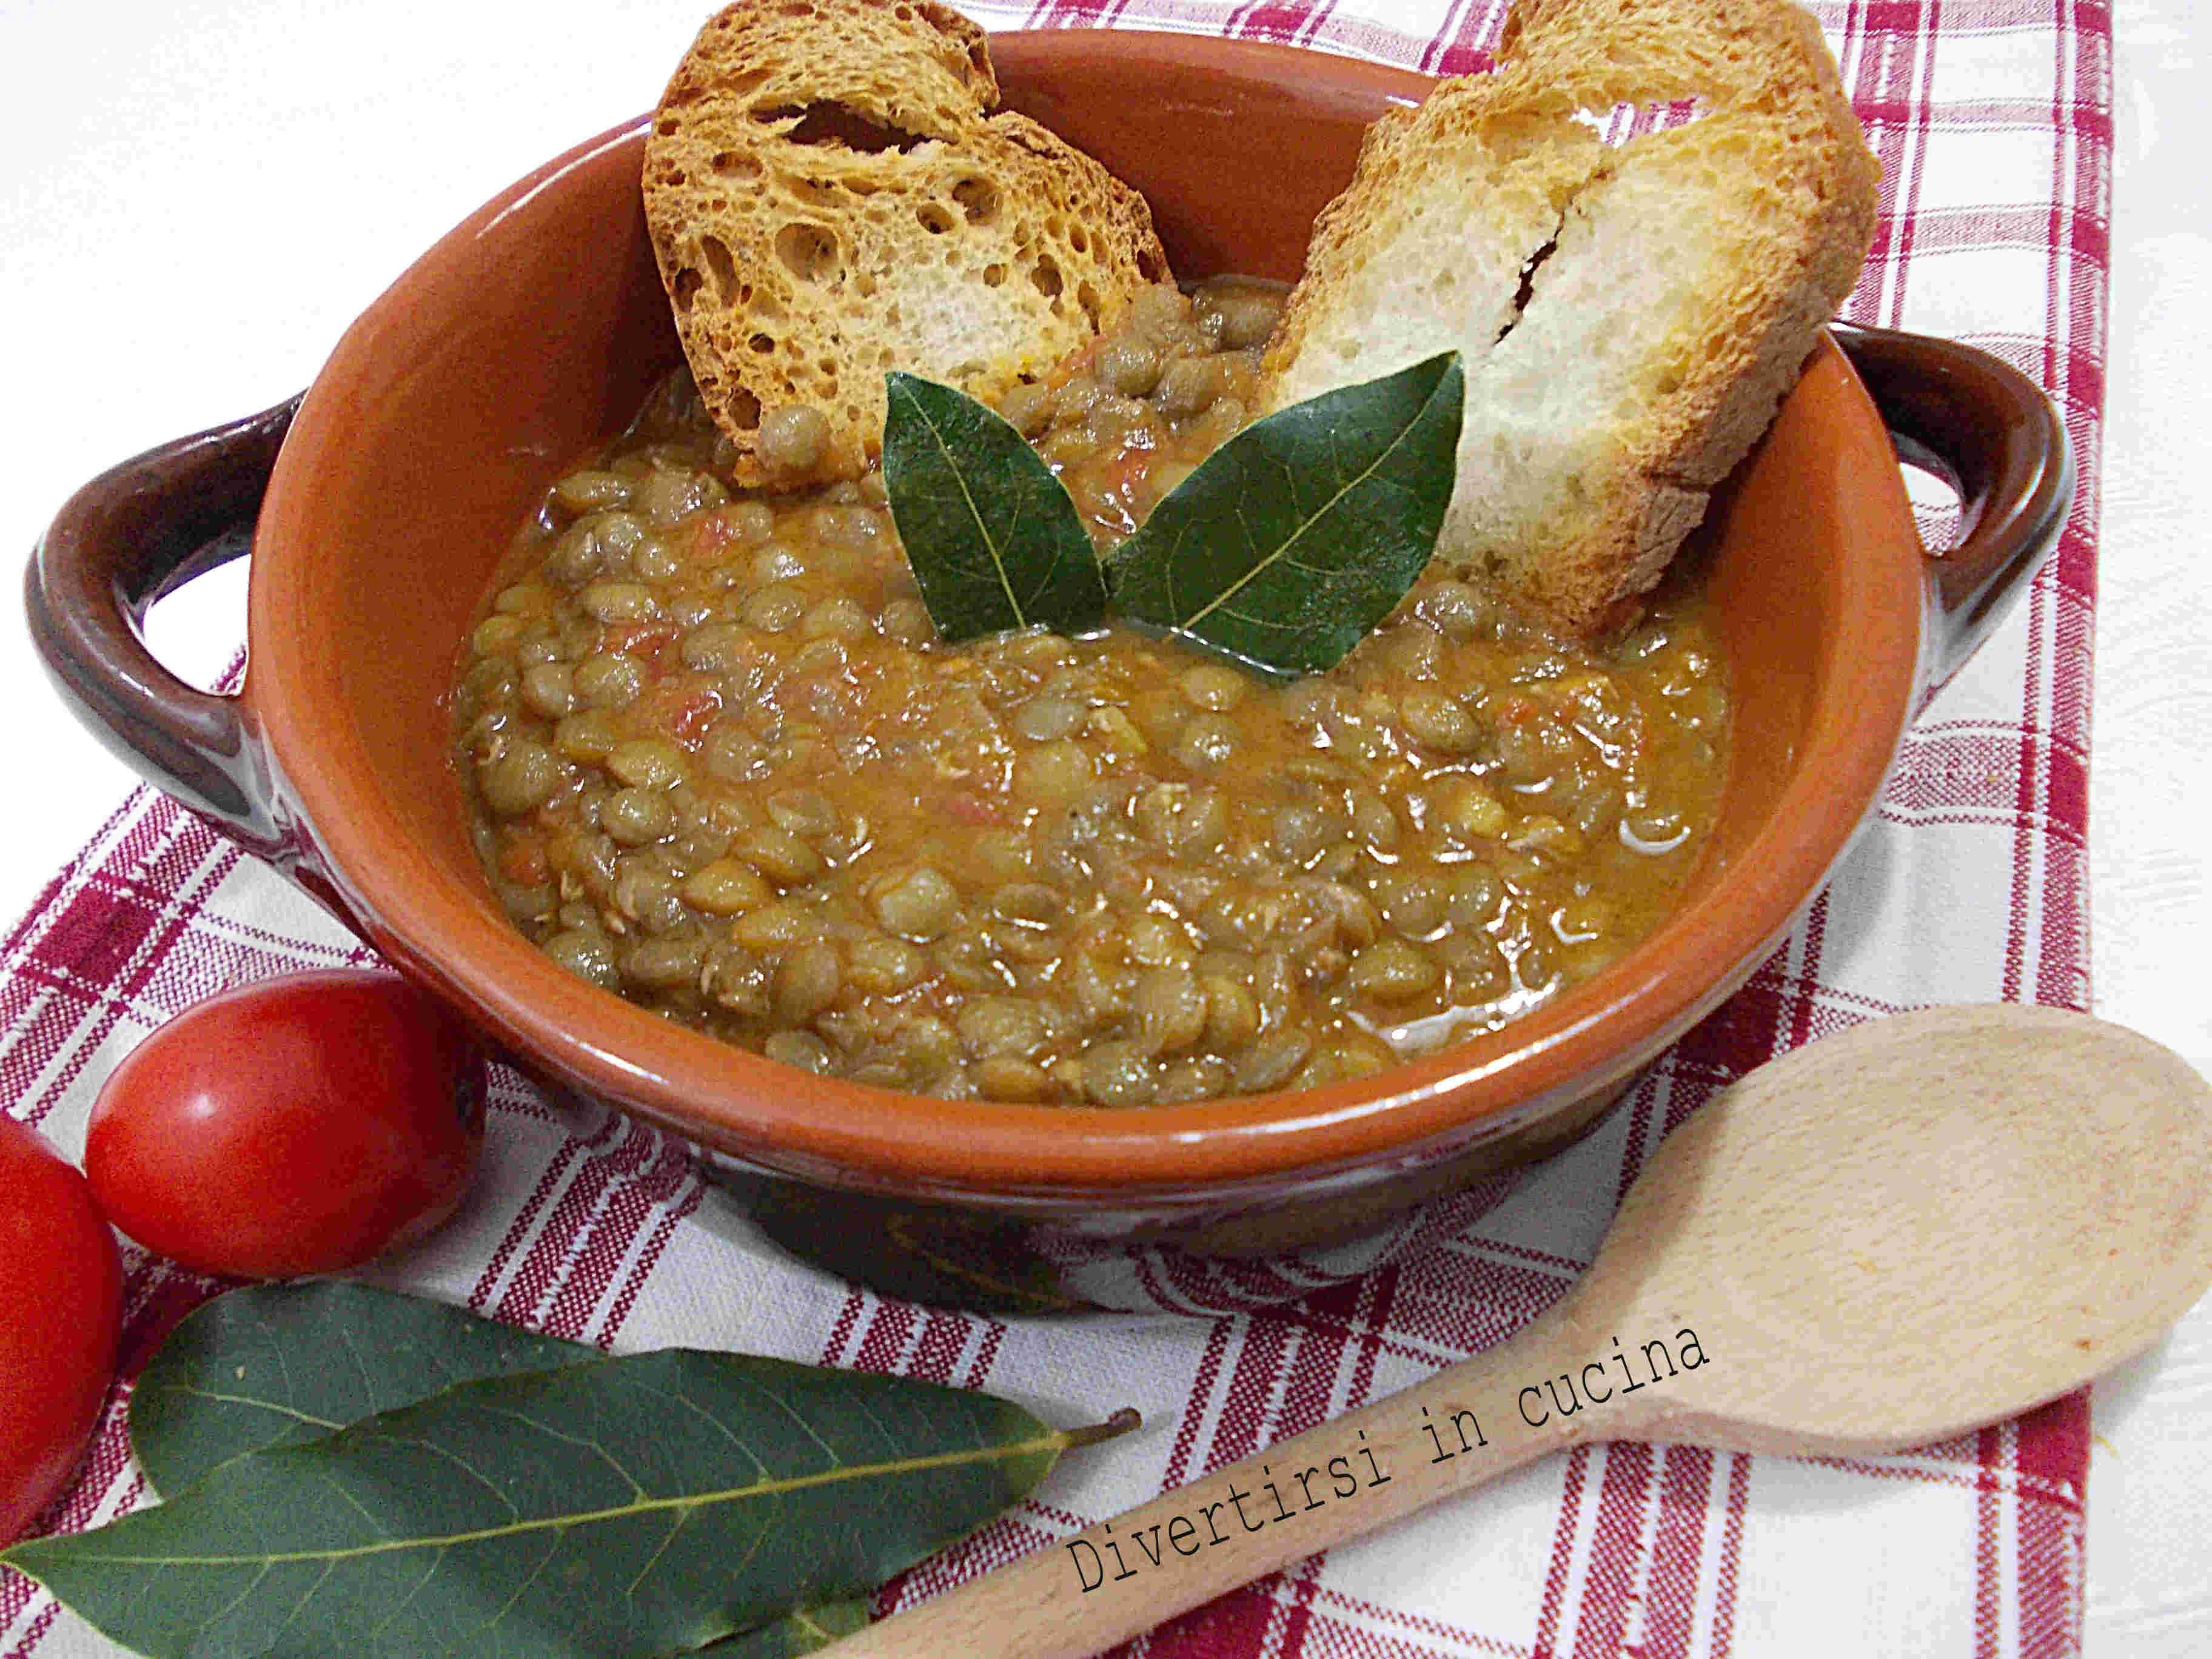 Ricetta Lenticchie Senza Pomodoro.Lenticchie In Umido Ricetta Semplice Divertirsi In Cucina